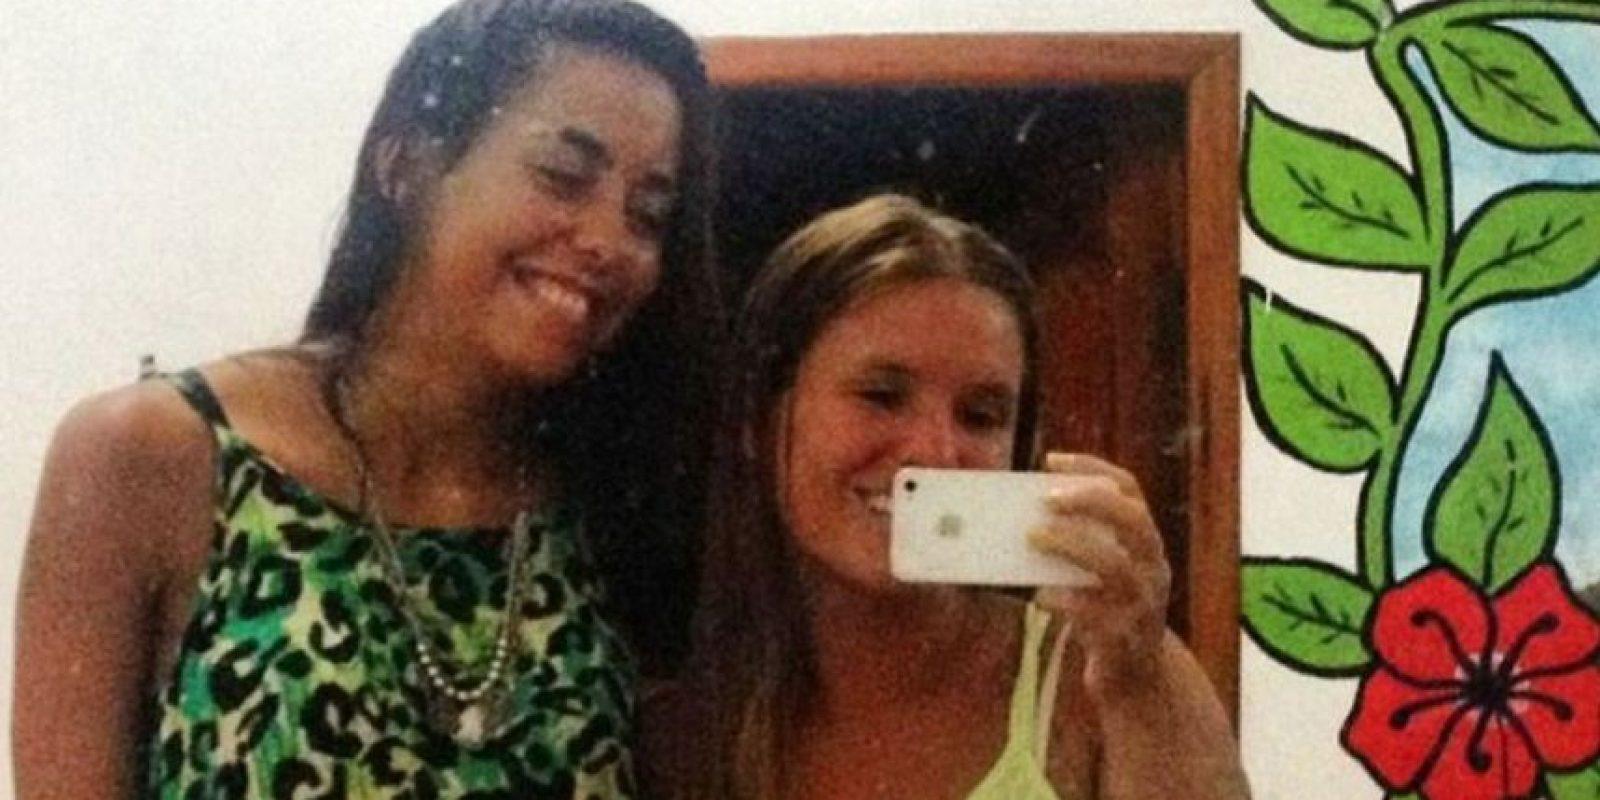 Marina Menegazzo, de 21 años y María José Coni, de 22 años, eran dos jóvenes argentinas de la provincia de Mendoza que fueron asesinadas en Ecuador Foto: instagram.com/mariajose.coni/